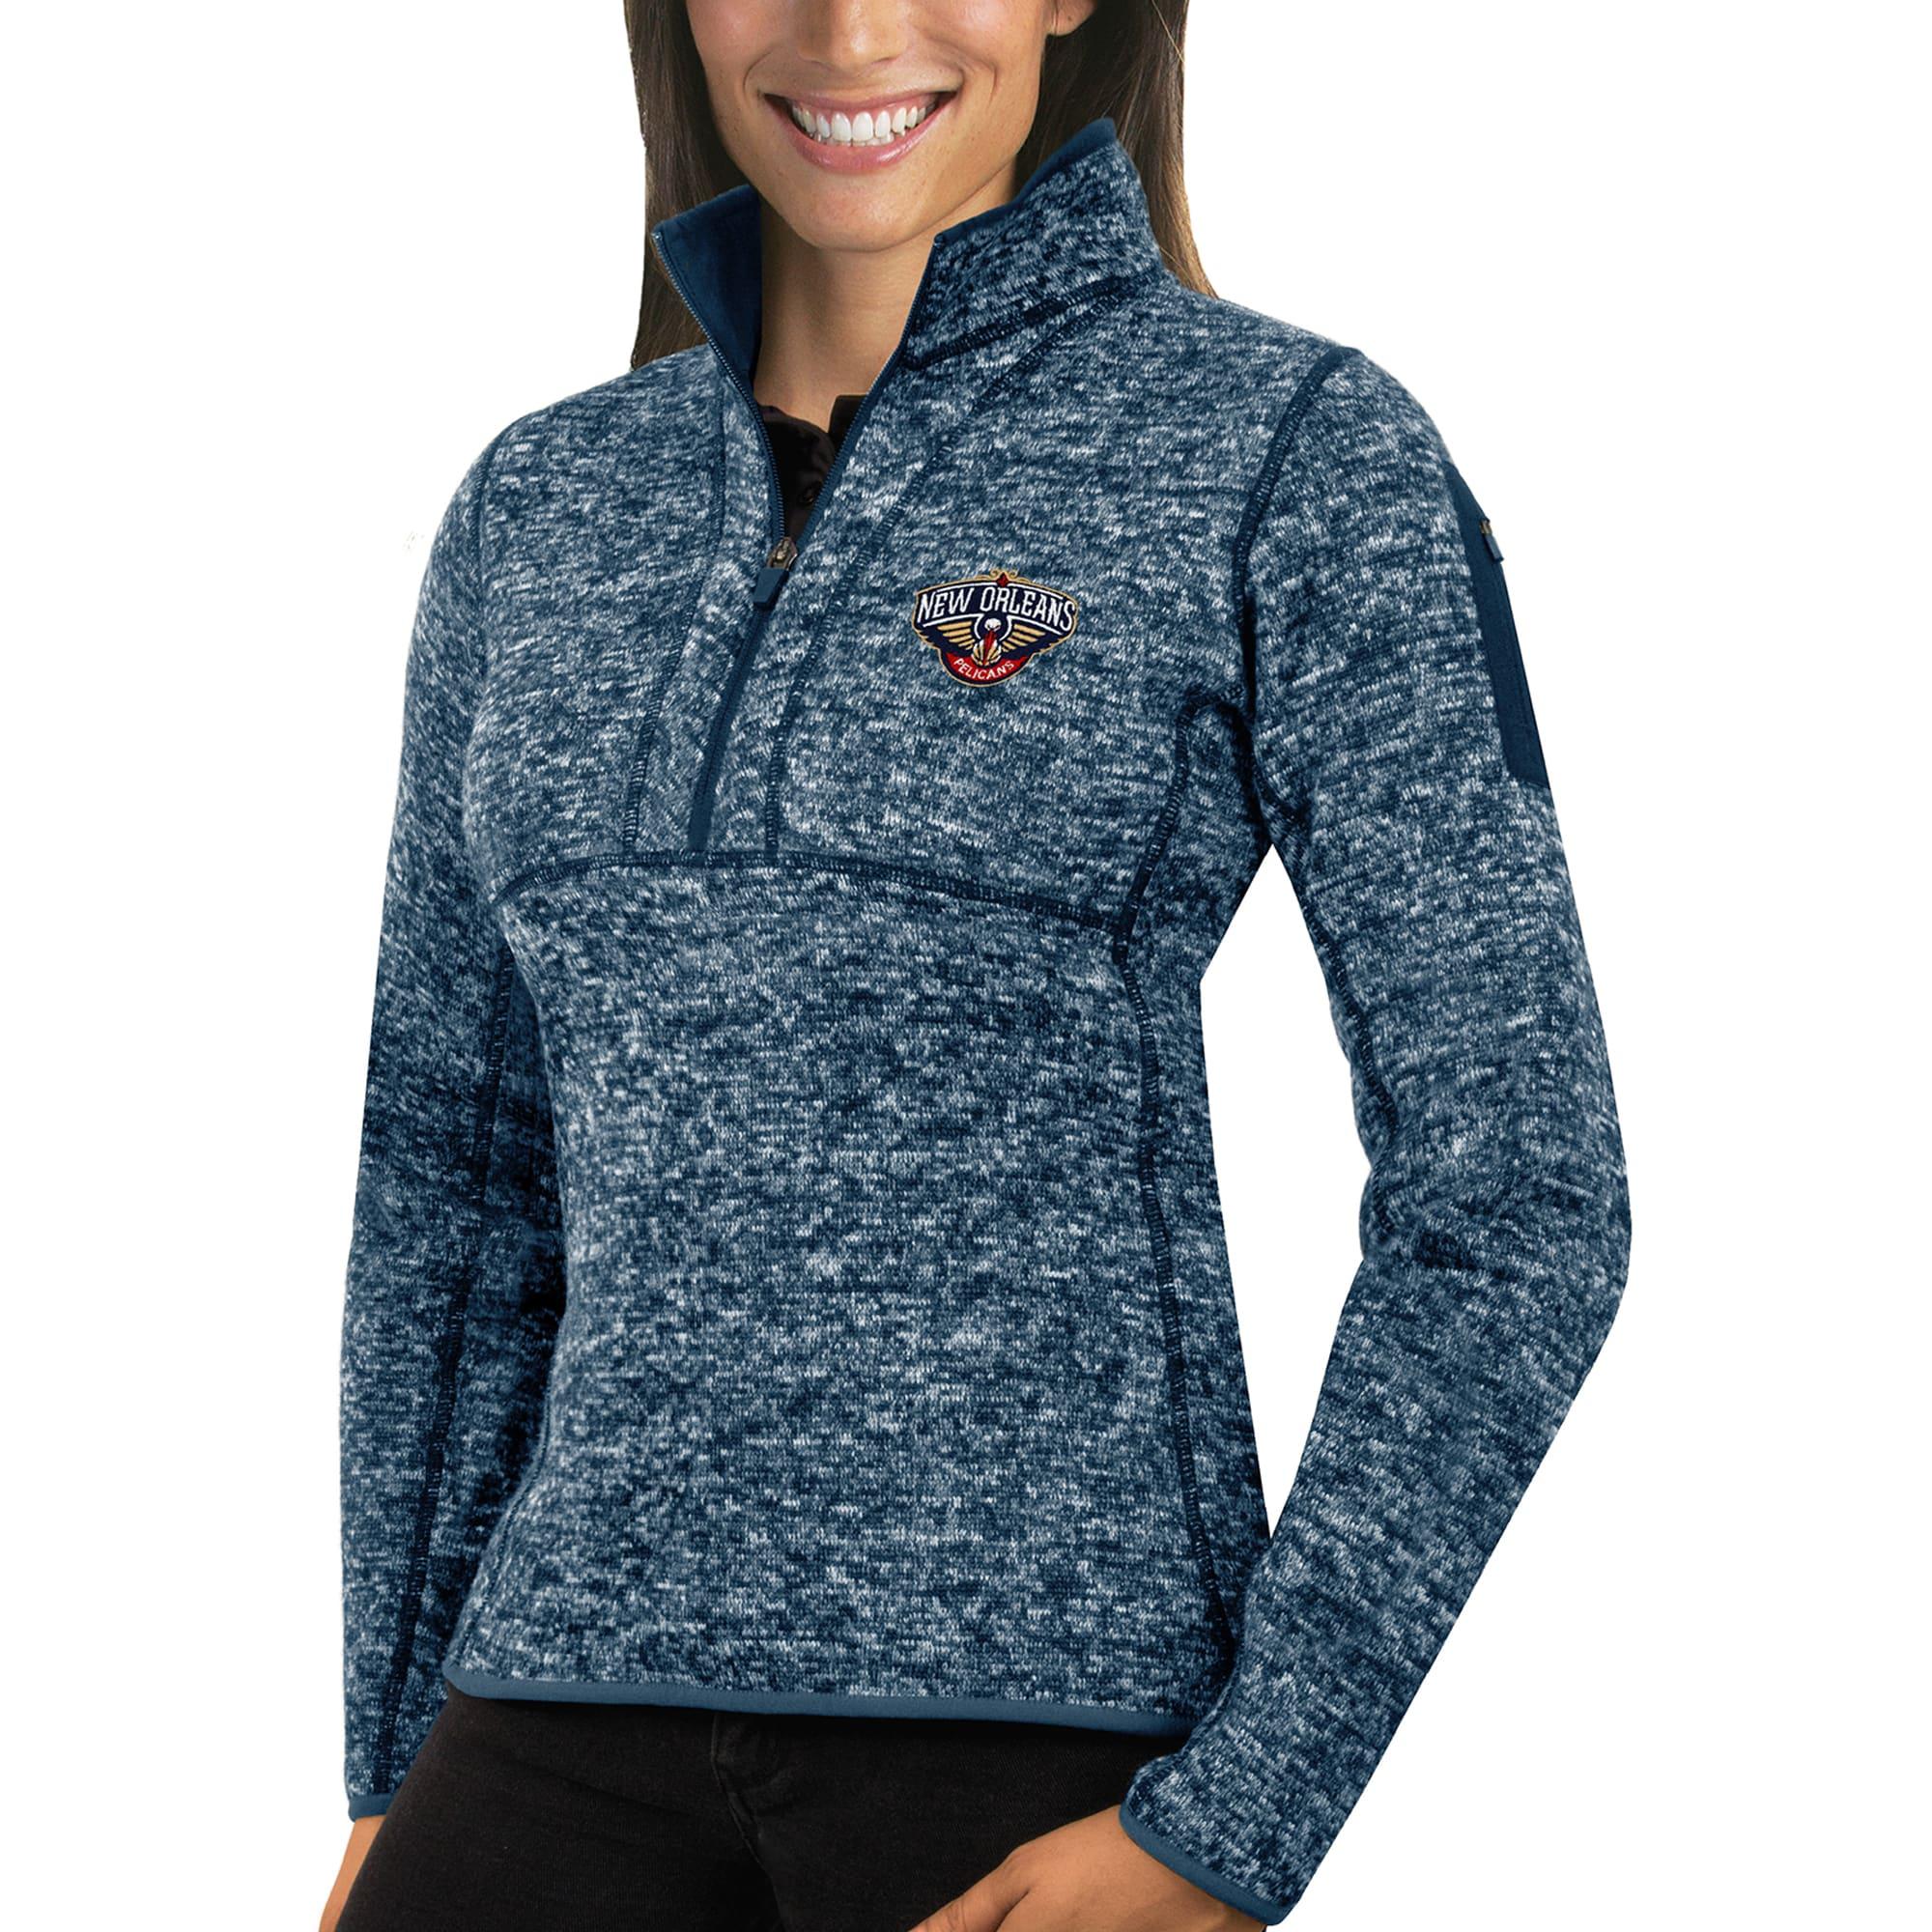 New Orleans Pelicans Antigua Women's Fortune Half-Zip Pullover Jacket - Heather Navy